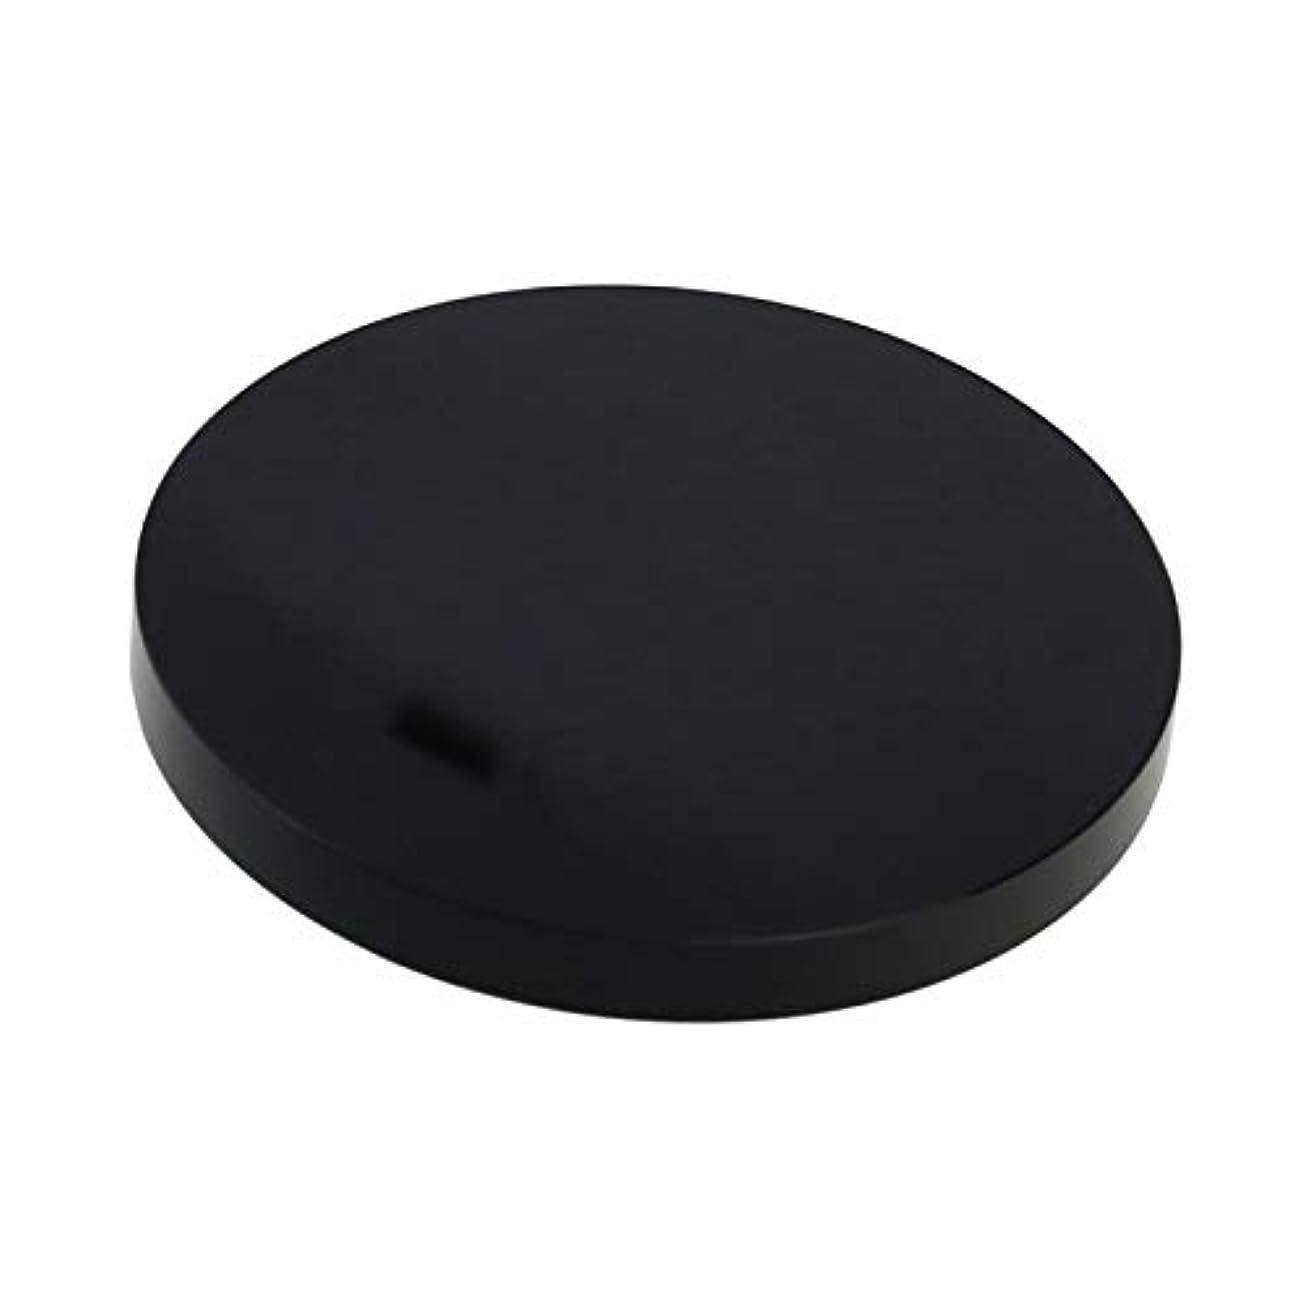 不正確軽く本Vranky 4.7 インチ 12cm 黒曜石 スクライング ミラー アルケミー/ヨガ エネルギー